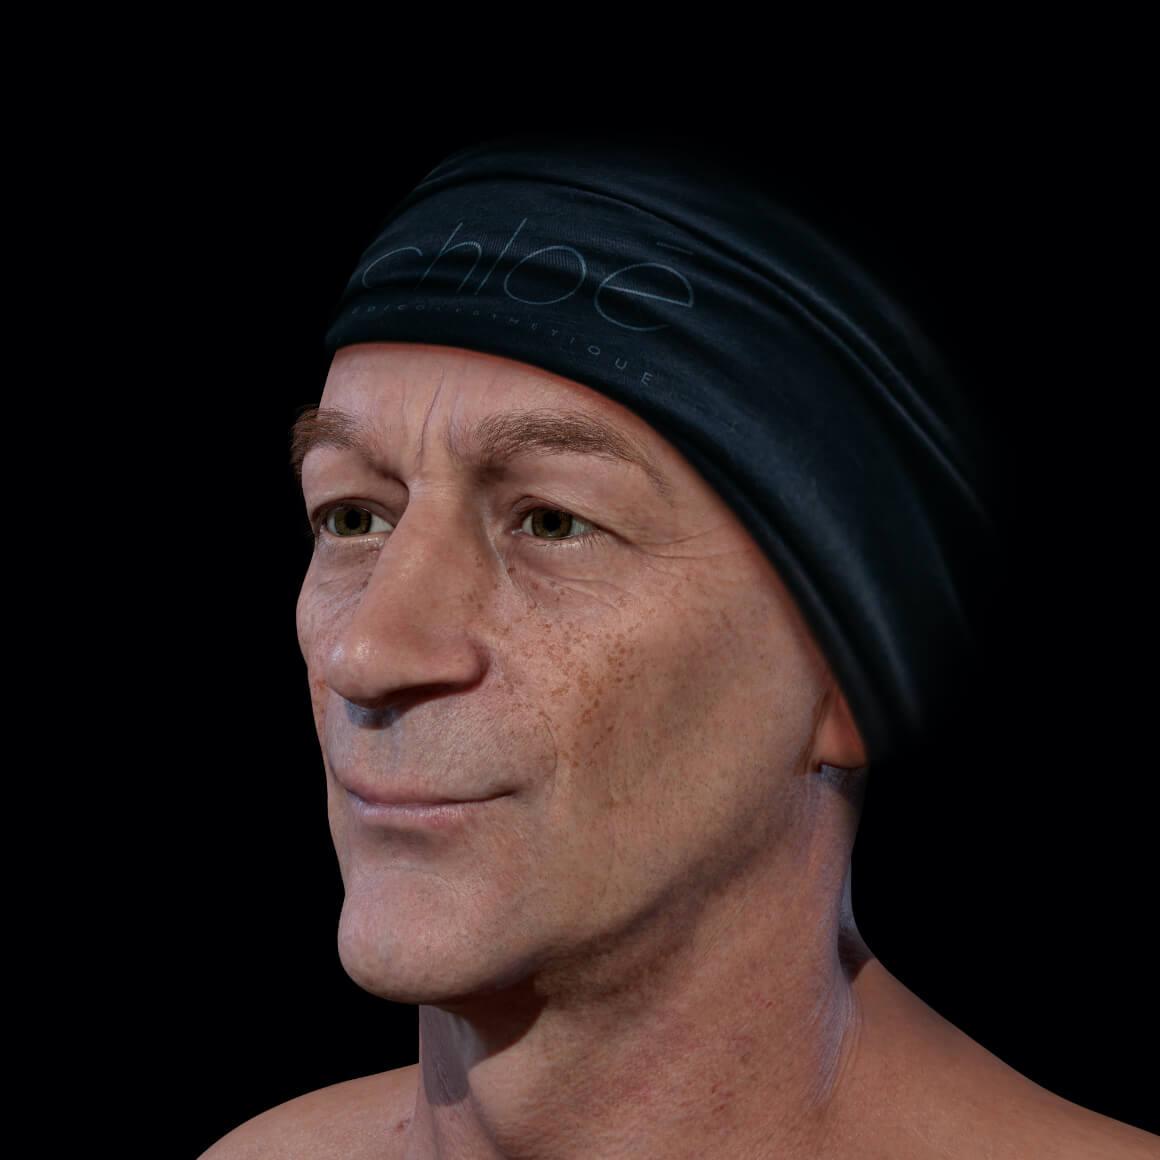 Patient de la Clinique Chloé positionné en angle démontrant des taches pigmentaires sur le visage